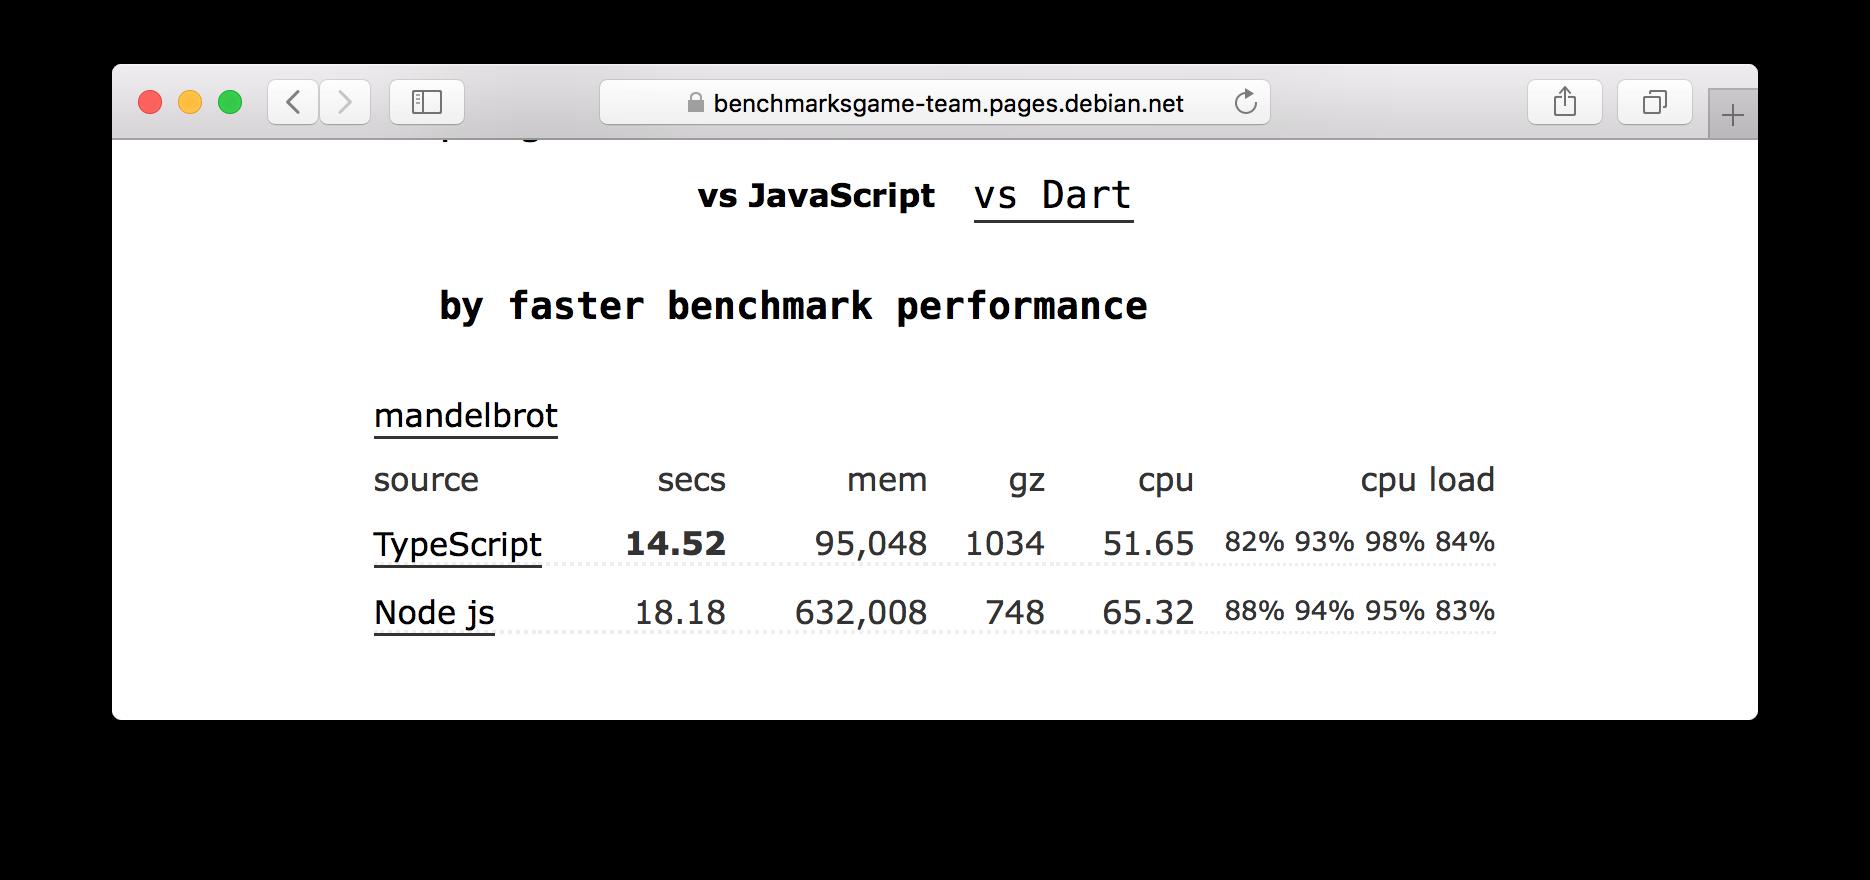 typescript работает быстрее javascript и занимает меньше памяти. Скриншот с сайта с микробенчмарками